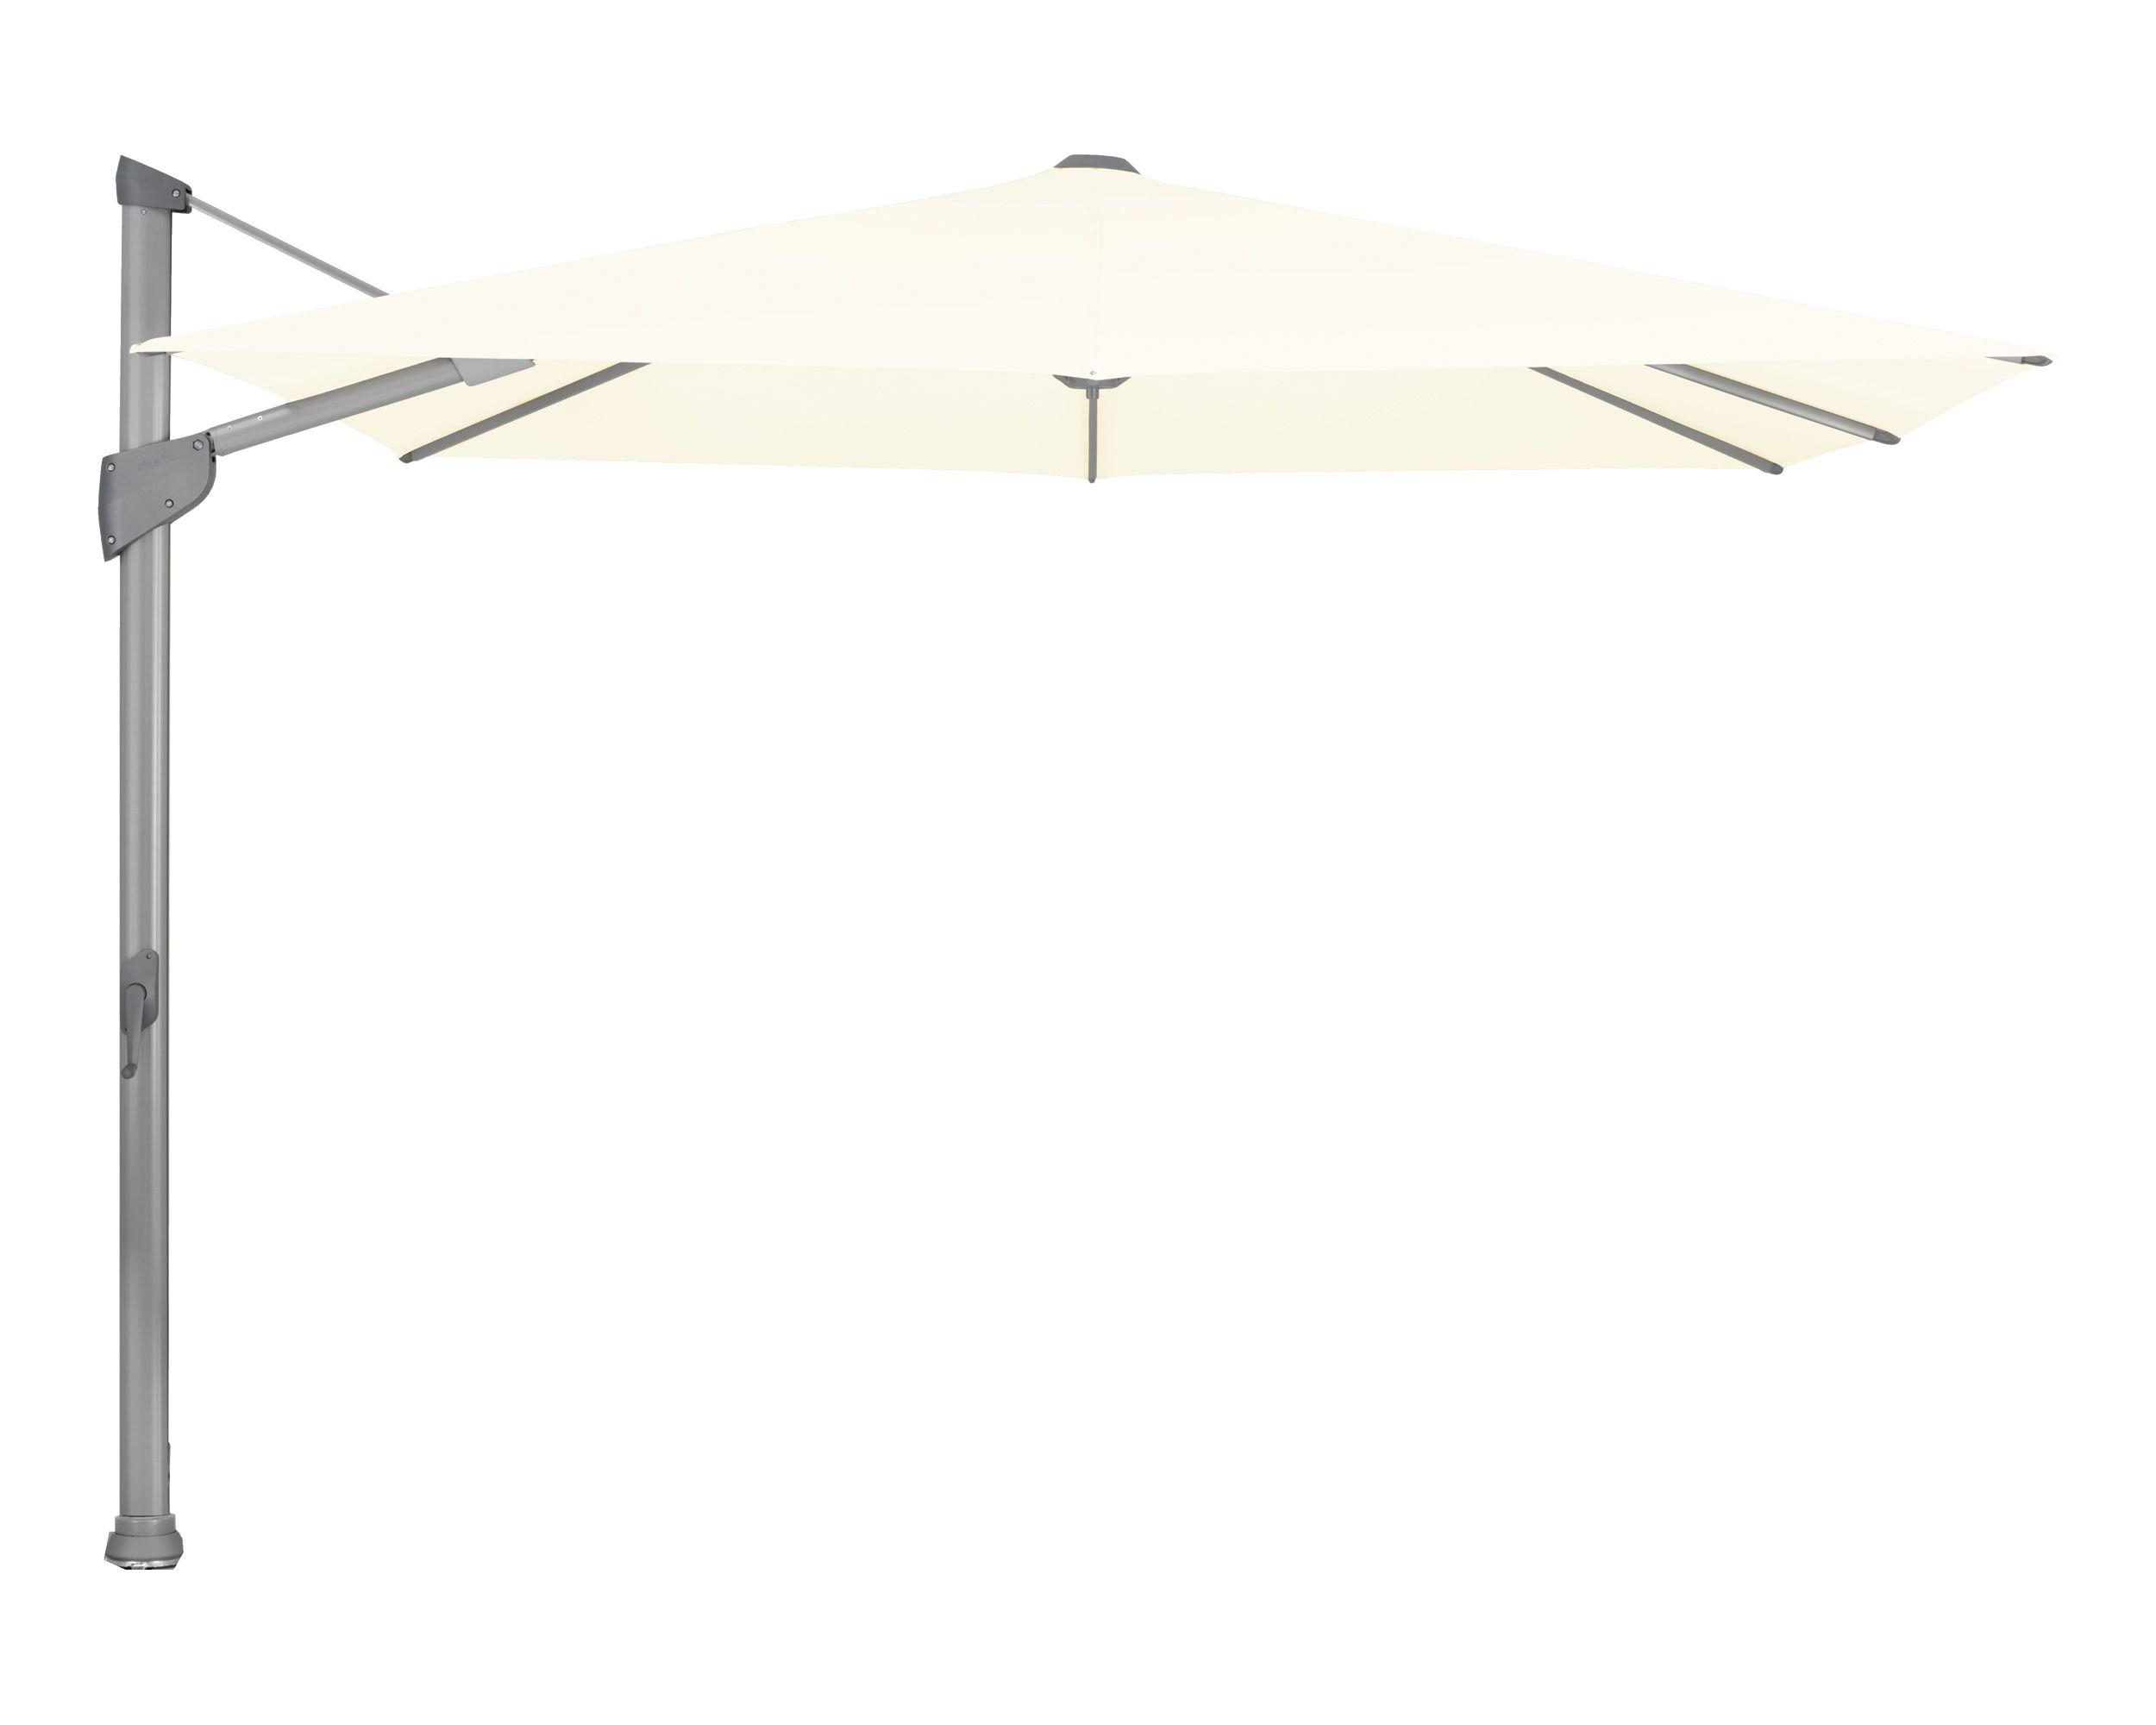 Freiarmschirm Fortano, 300x300cm